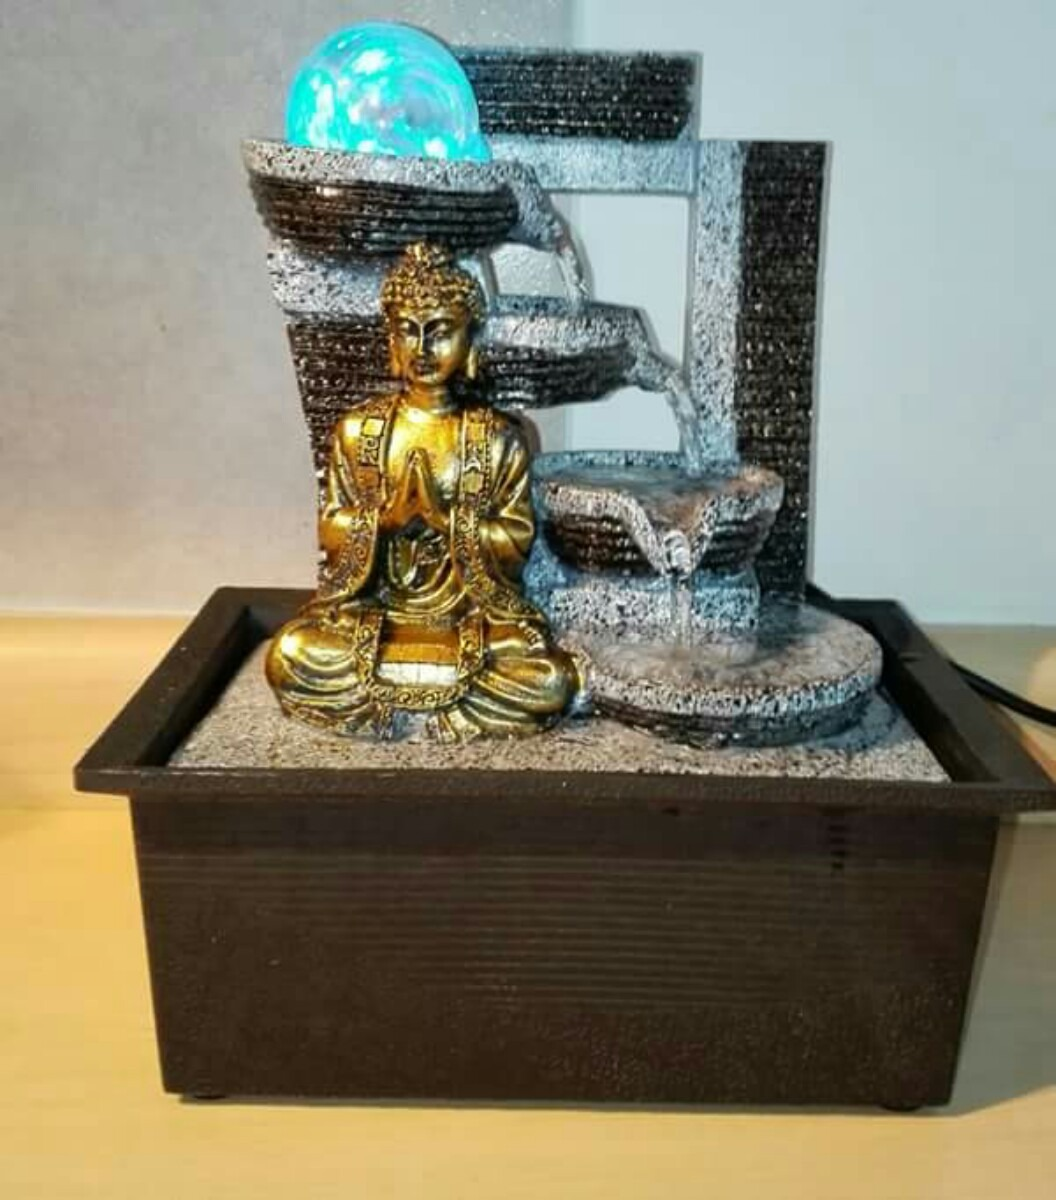 Fuente de agua interior ganesha feng shui yoga meditaci n - Motor de fuente de agua ...